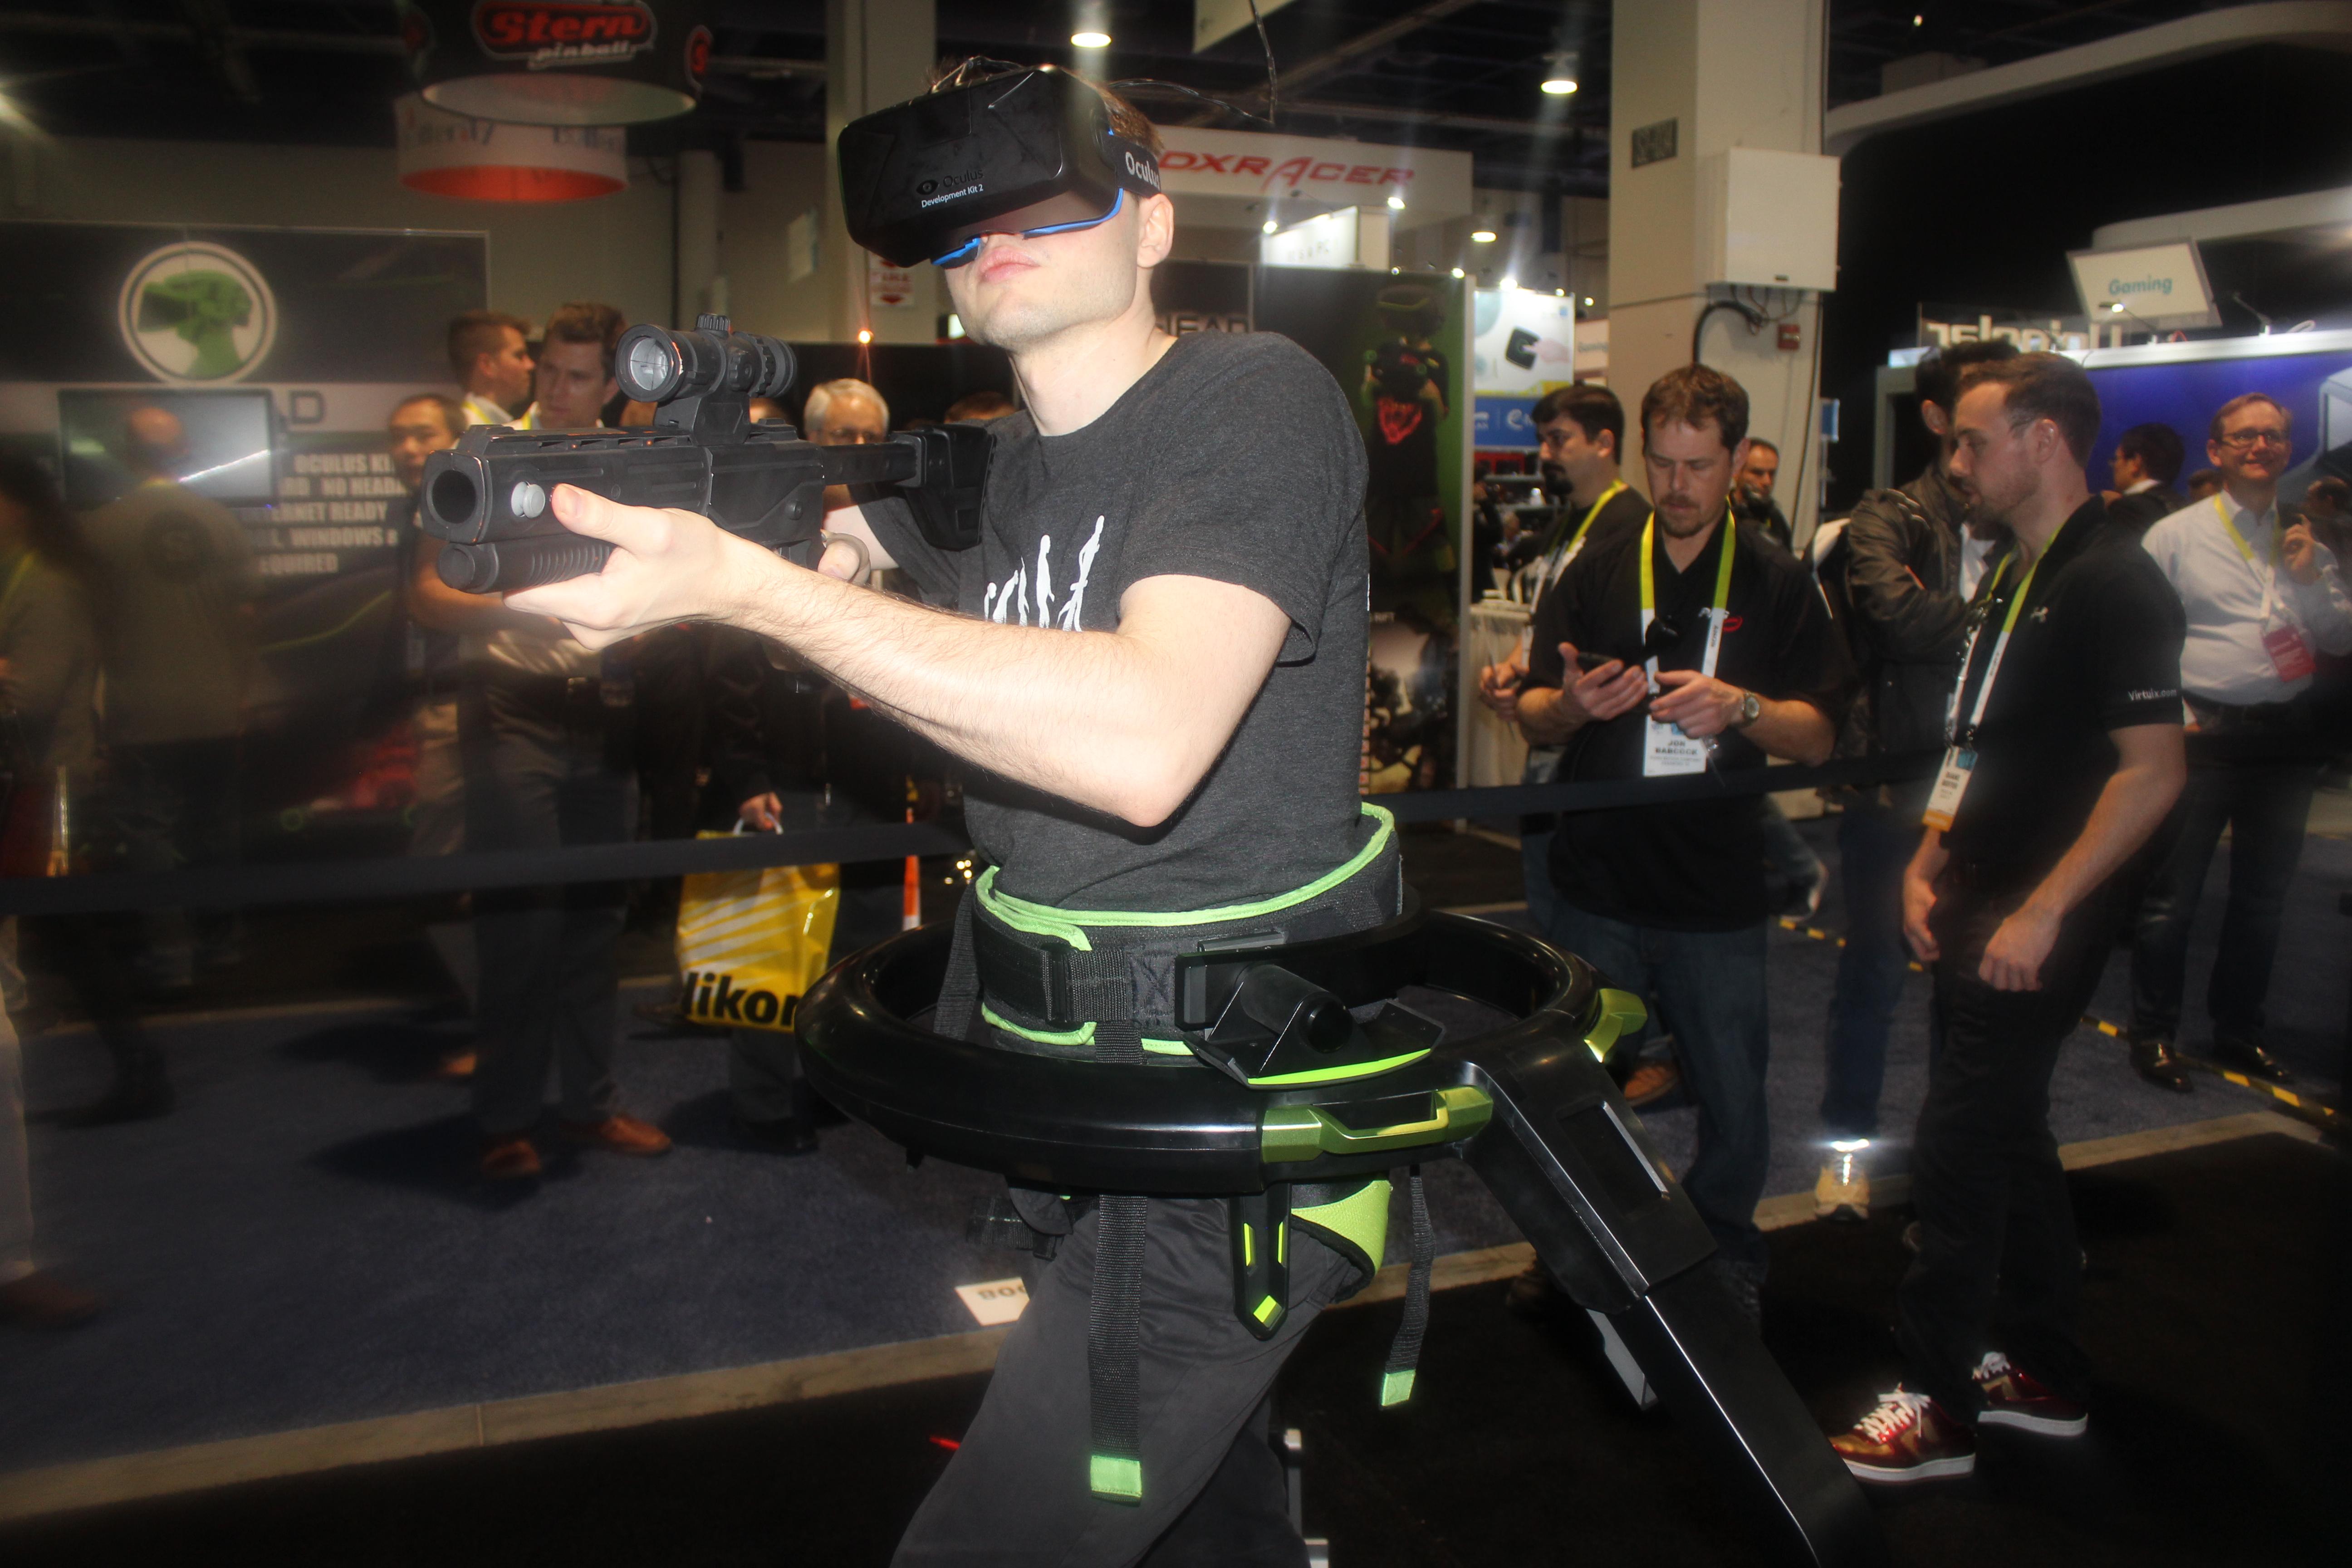 Беговая дорожка Virtuix Omni для виртуальной реальности на выставке CES 2015